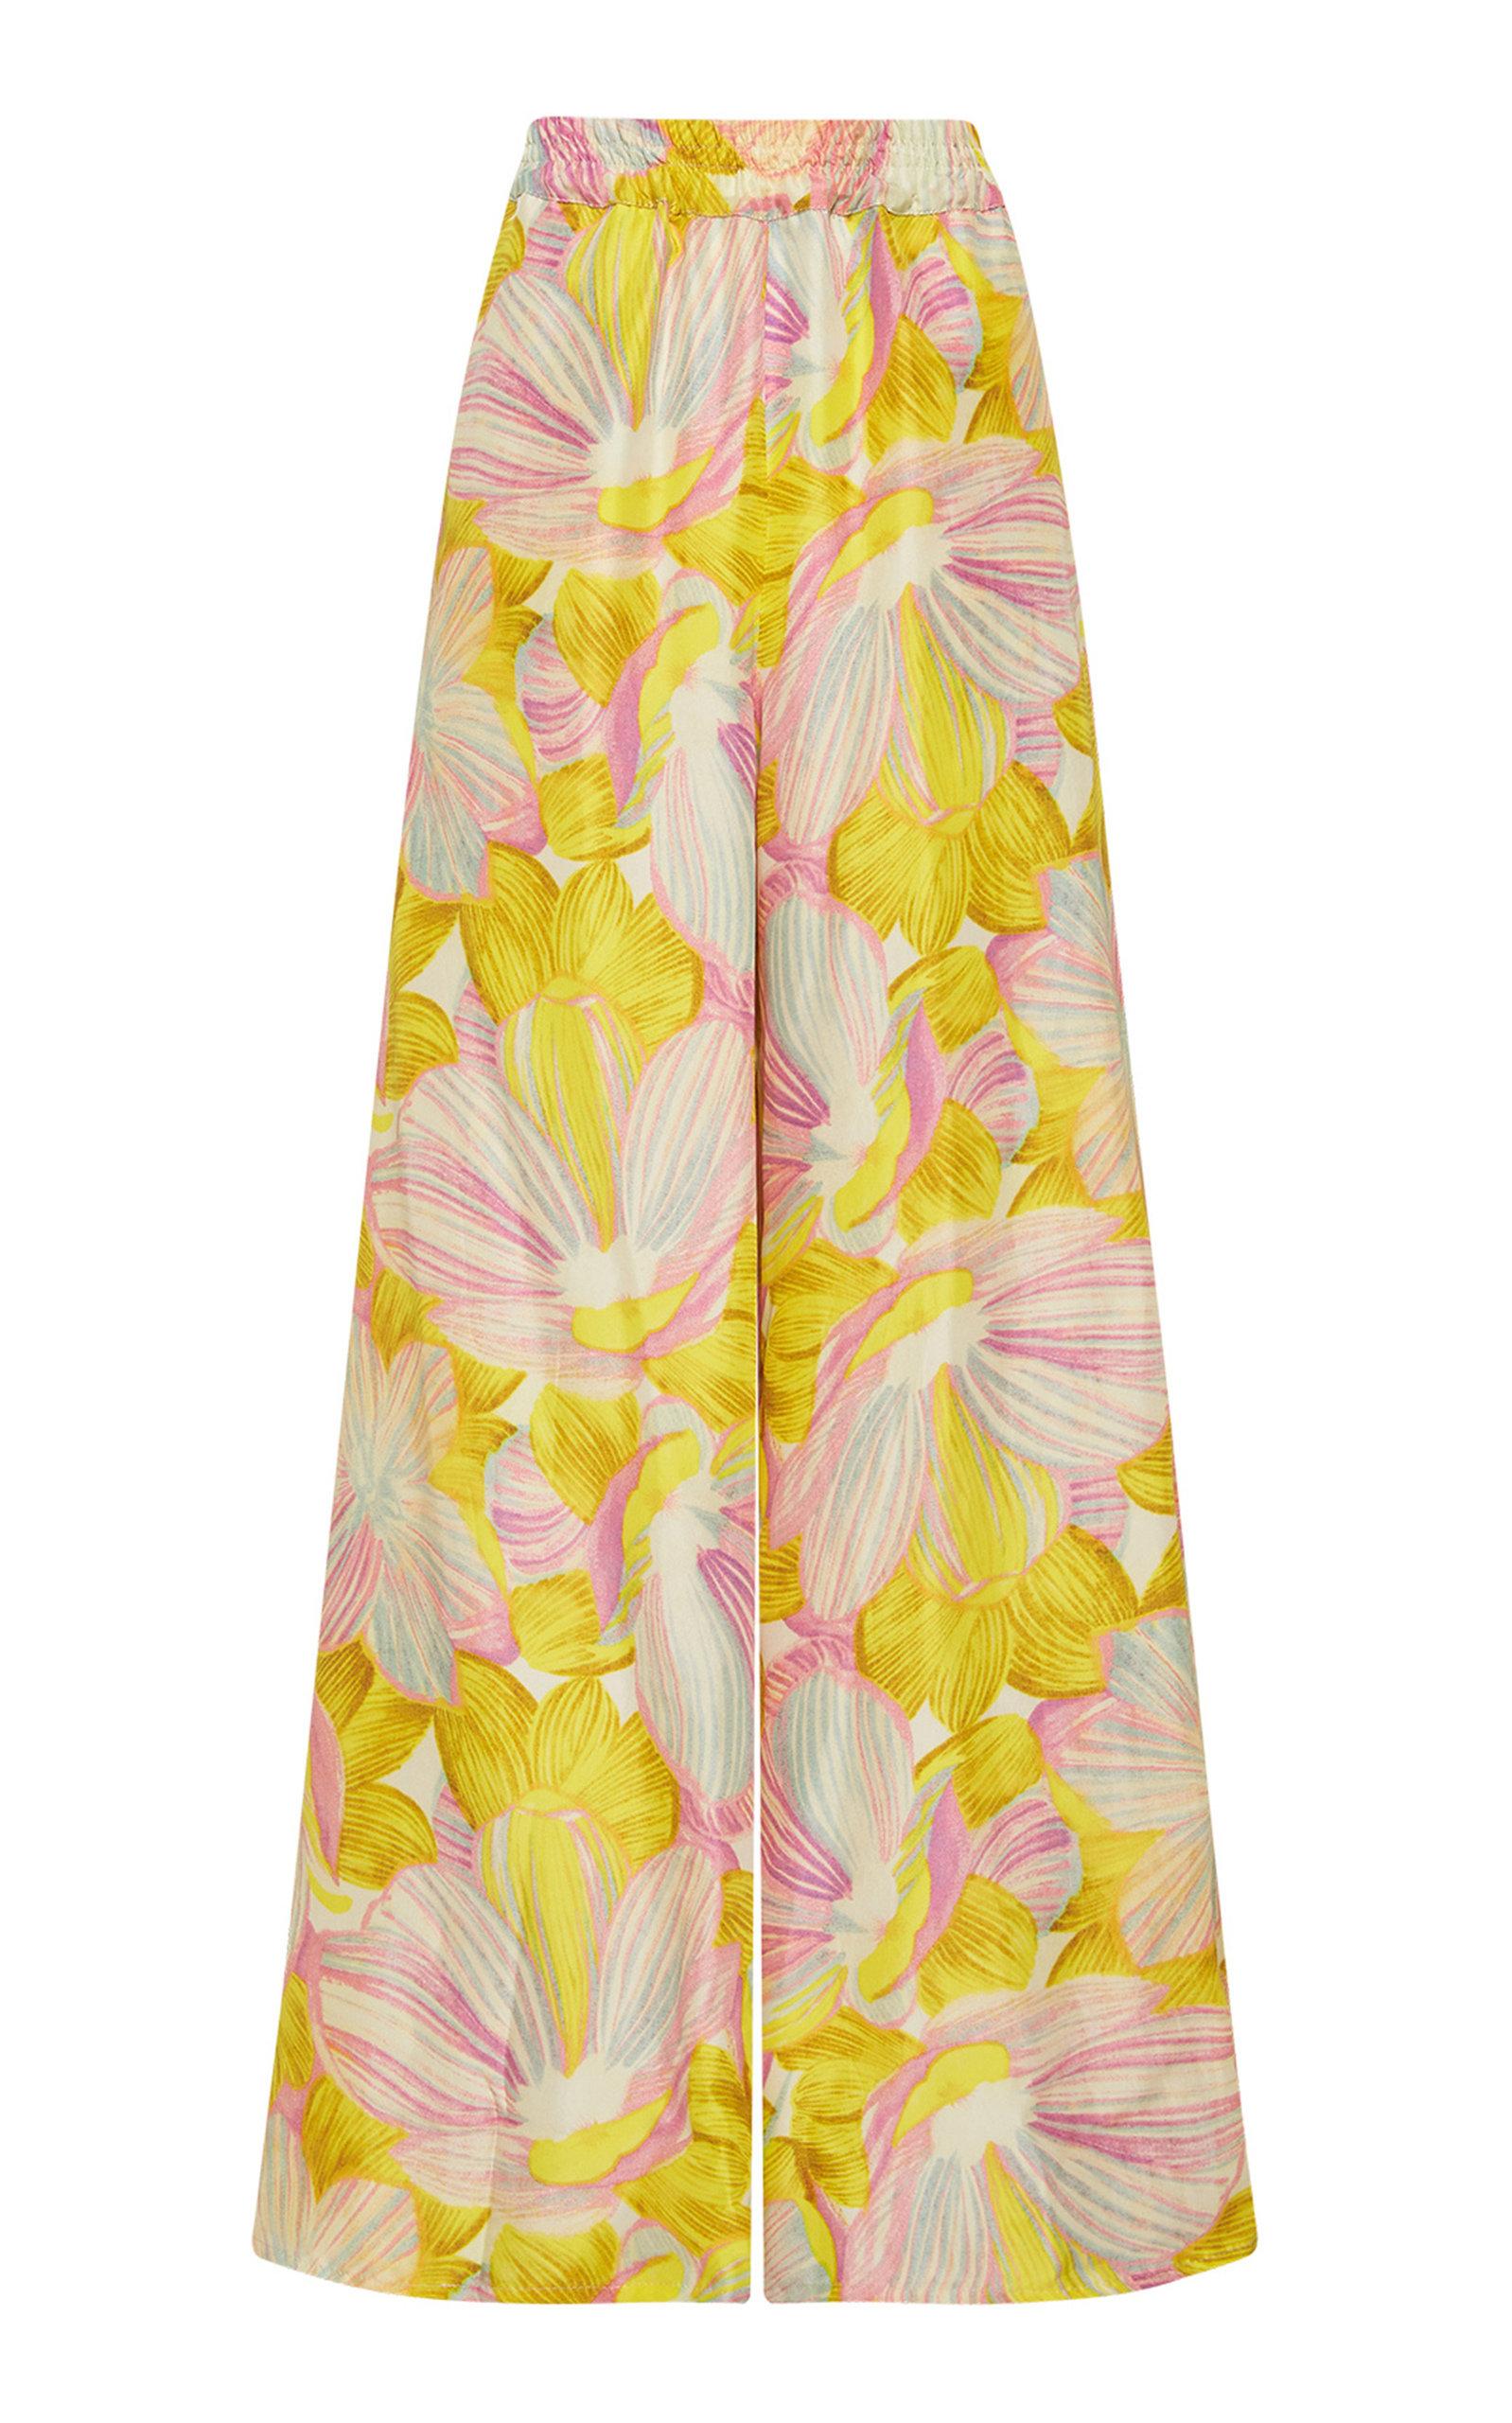 ALÉMAIS - Women's Cali Girl Printed Silk Pants - Print - Moda Operandi